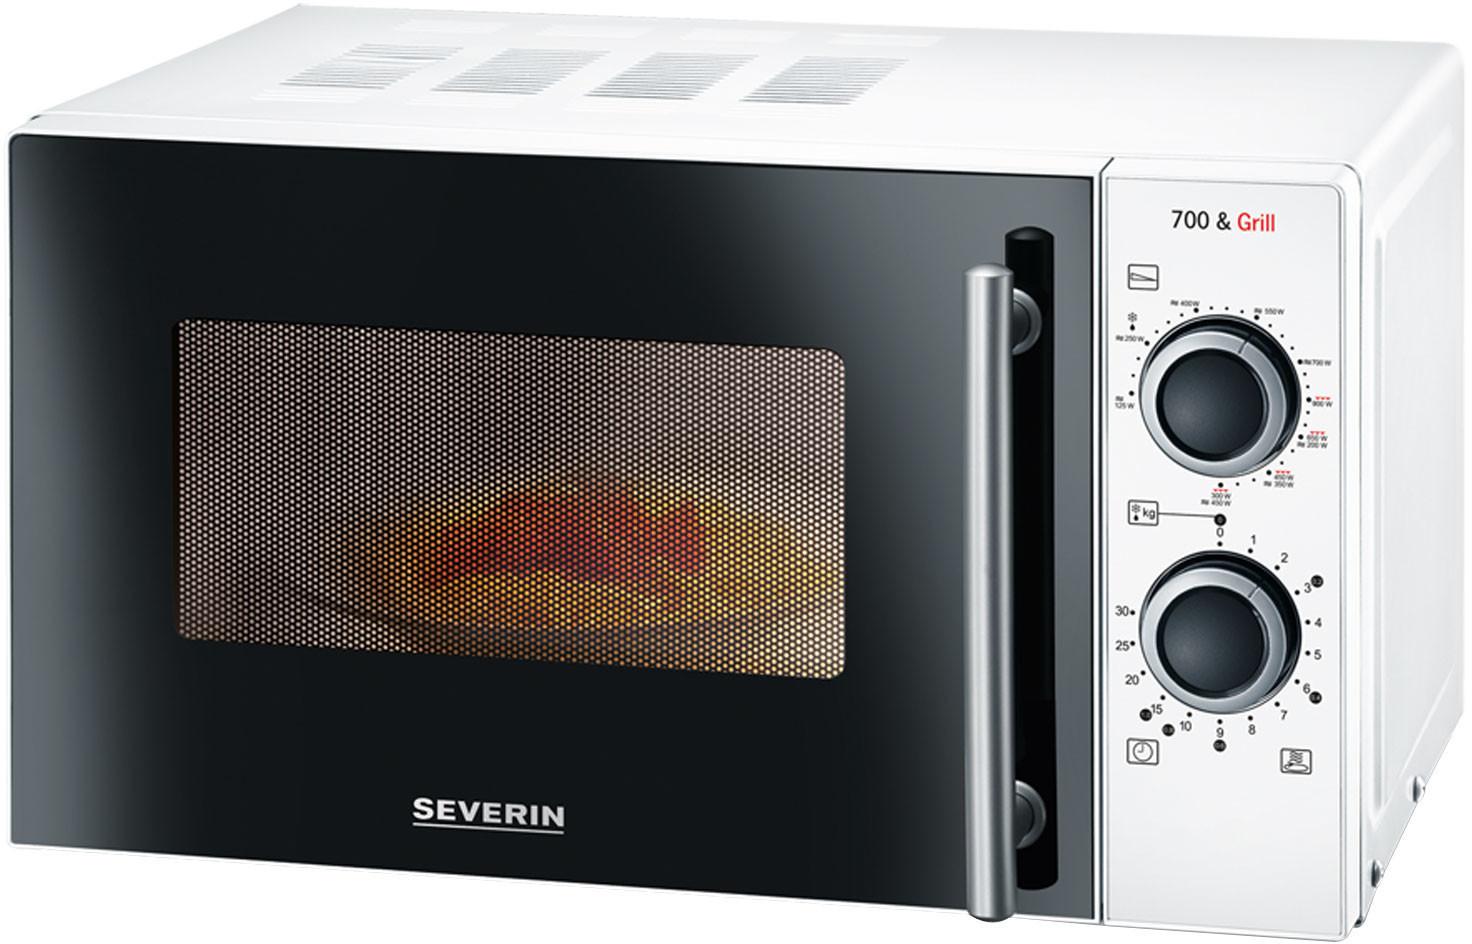 Severin MW 9283 Mikrowelle mit Grill 700W 900W 9 Leistungsstufen für 45€ inkl. Versandkosten